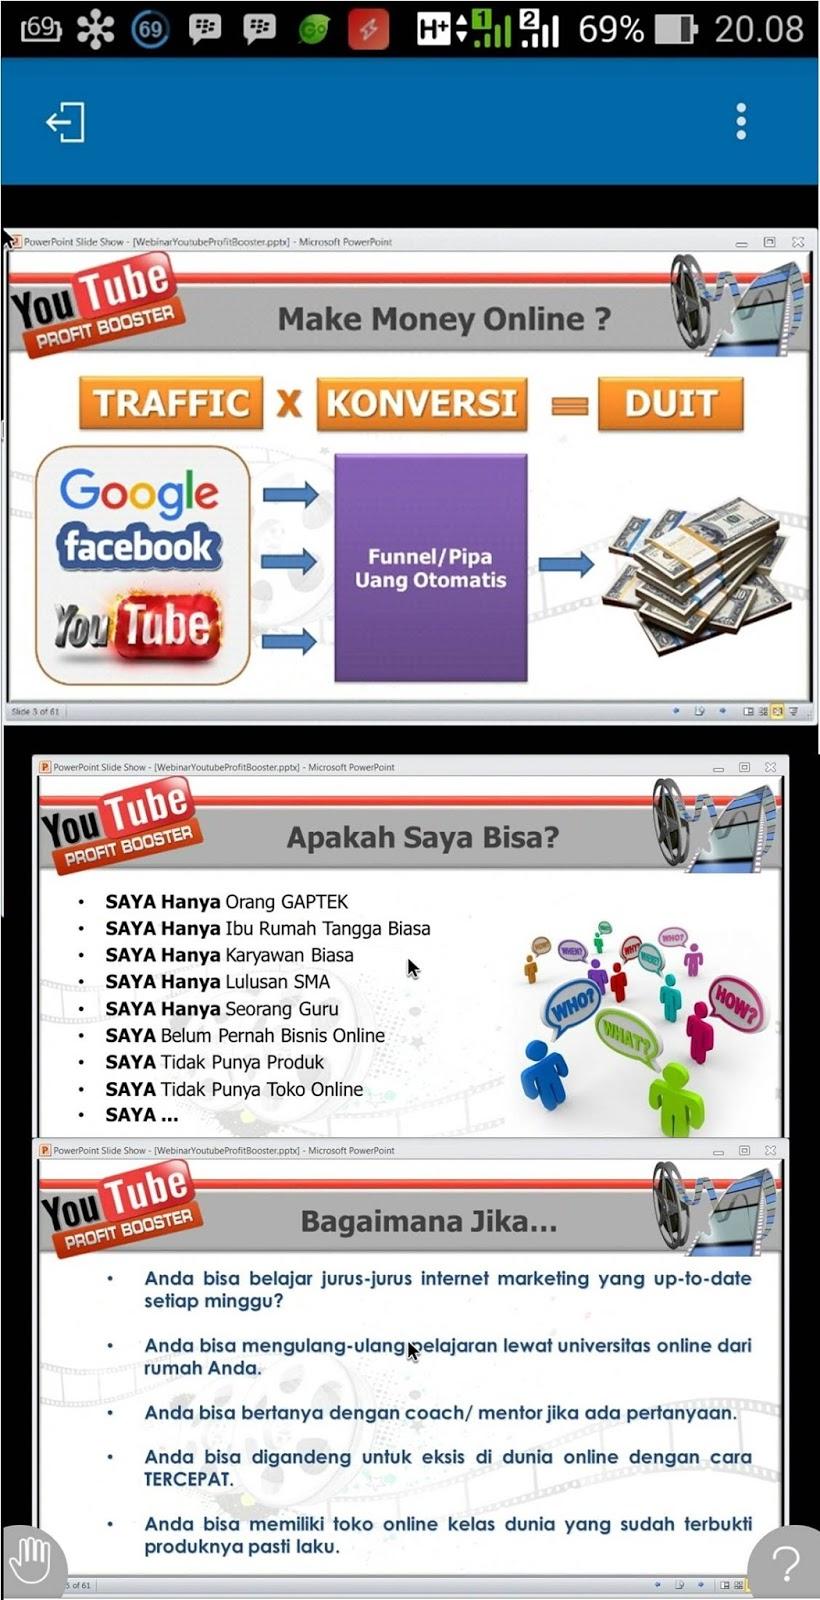 Live Webinar Online FREE / Gratis, YOUTUBE PROFIT BOOSTER ...